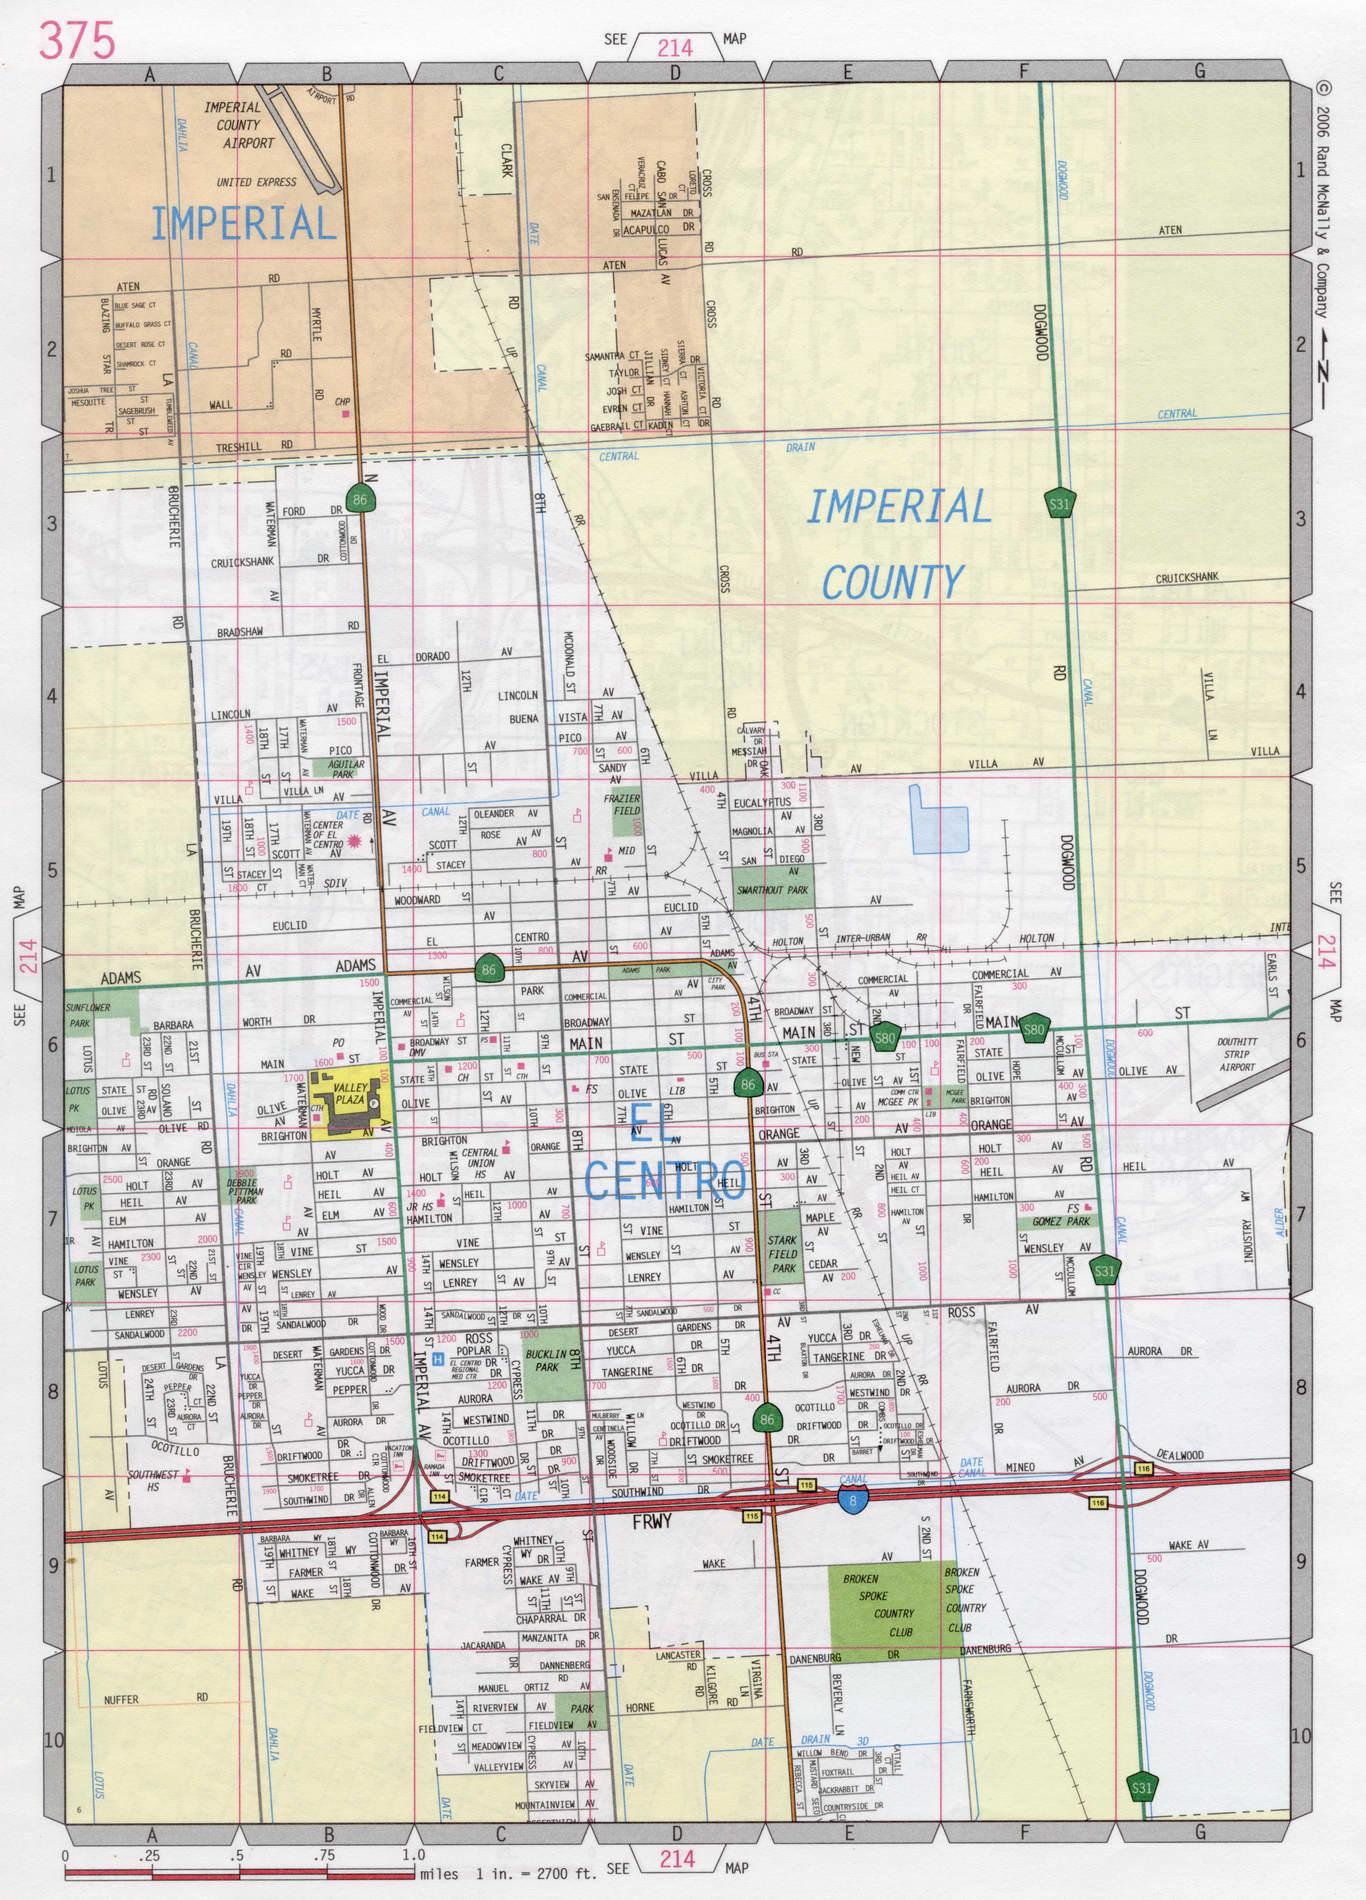 El Centro road map